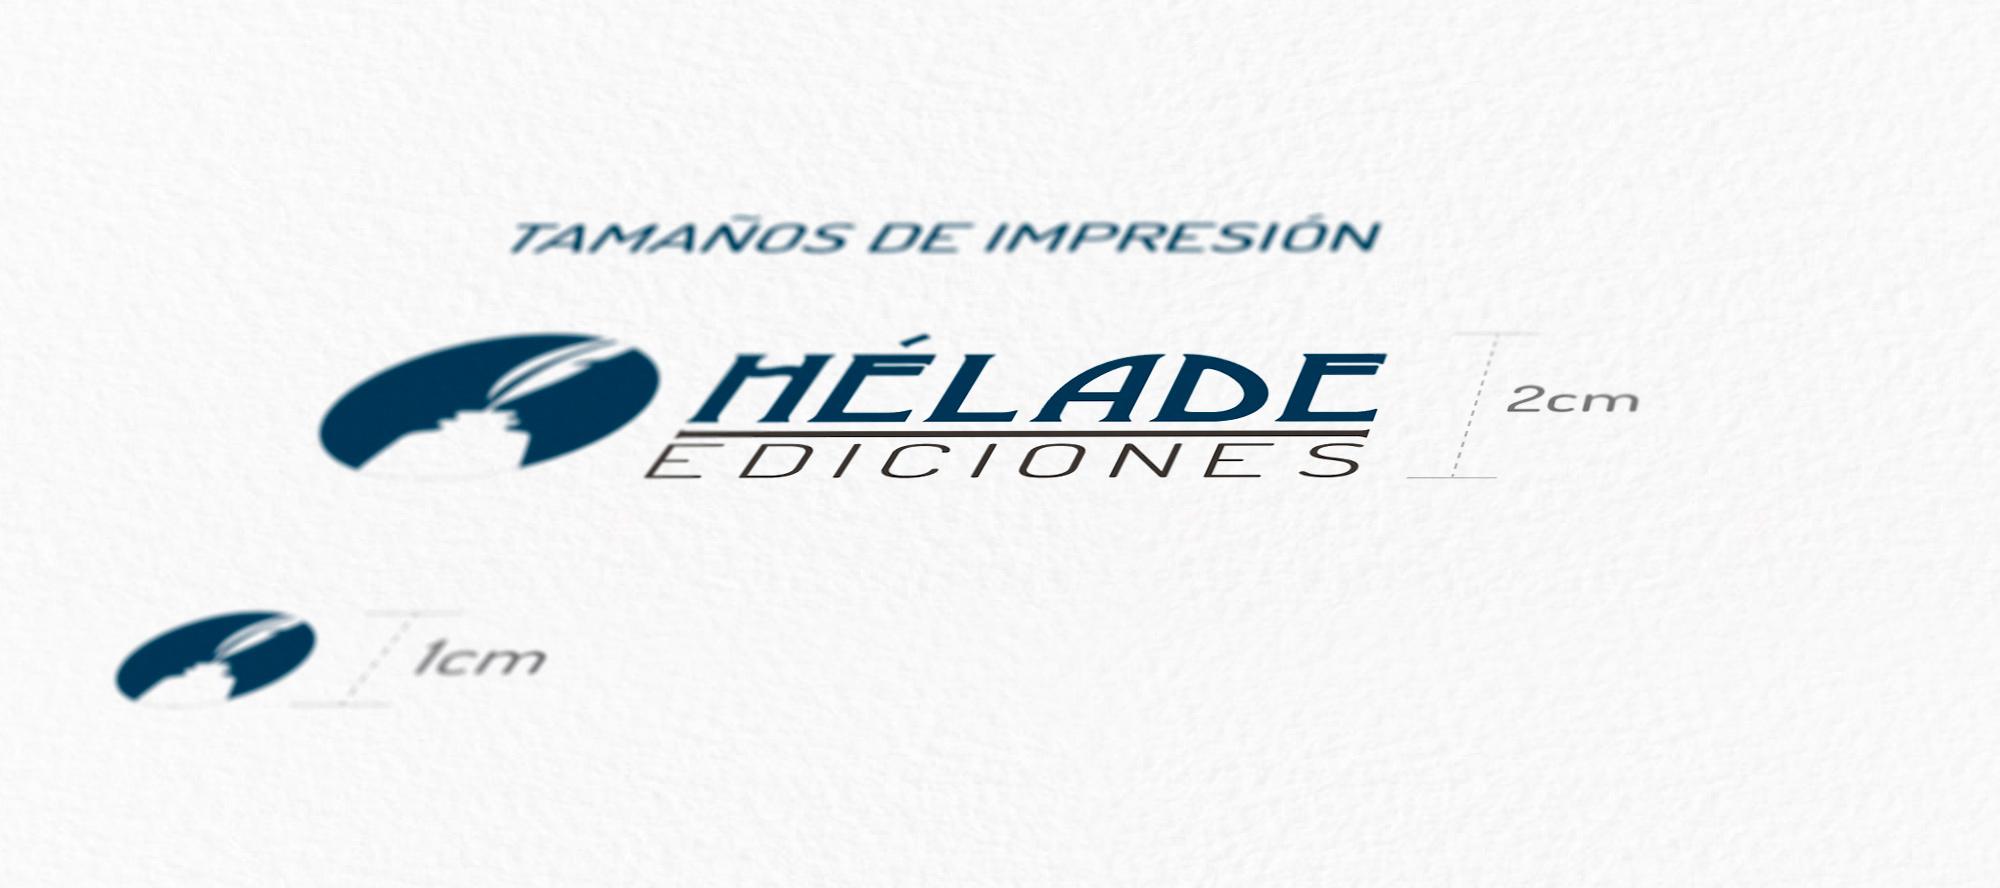 Hélade Ediciones